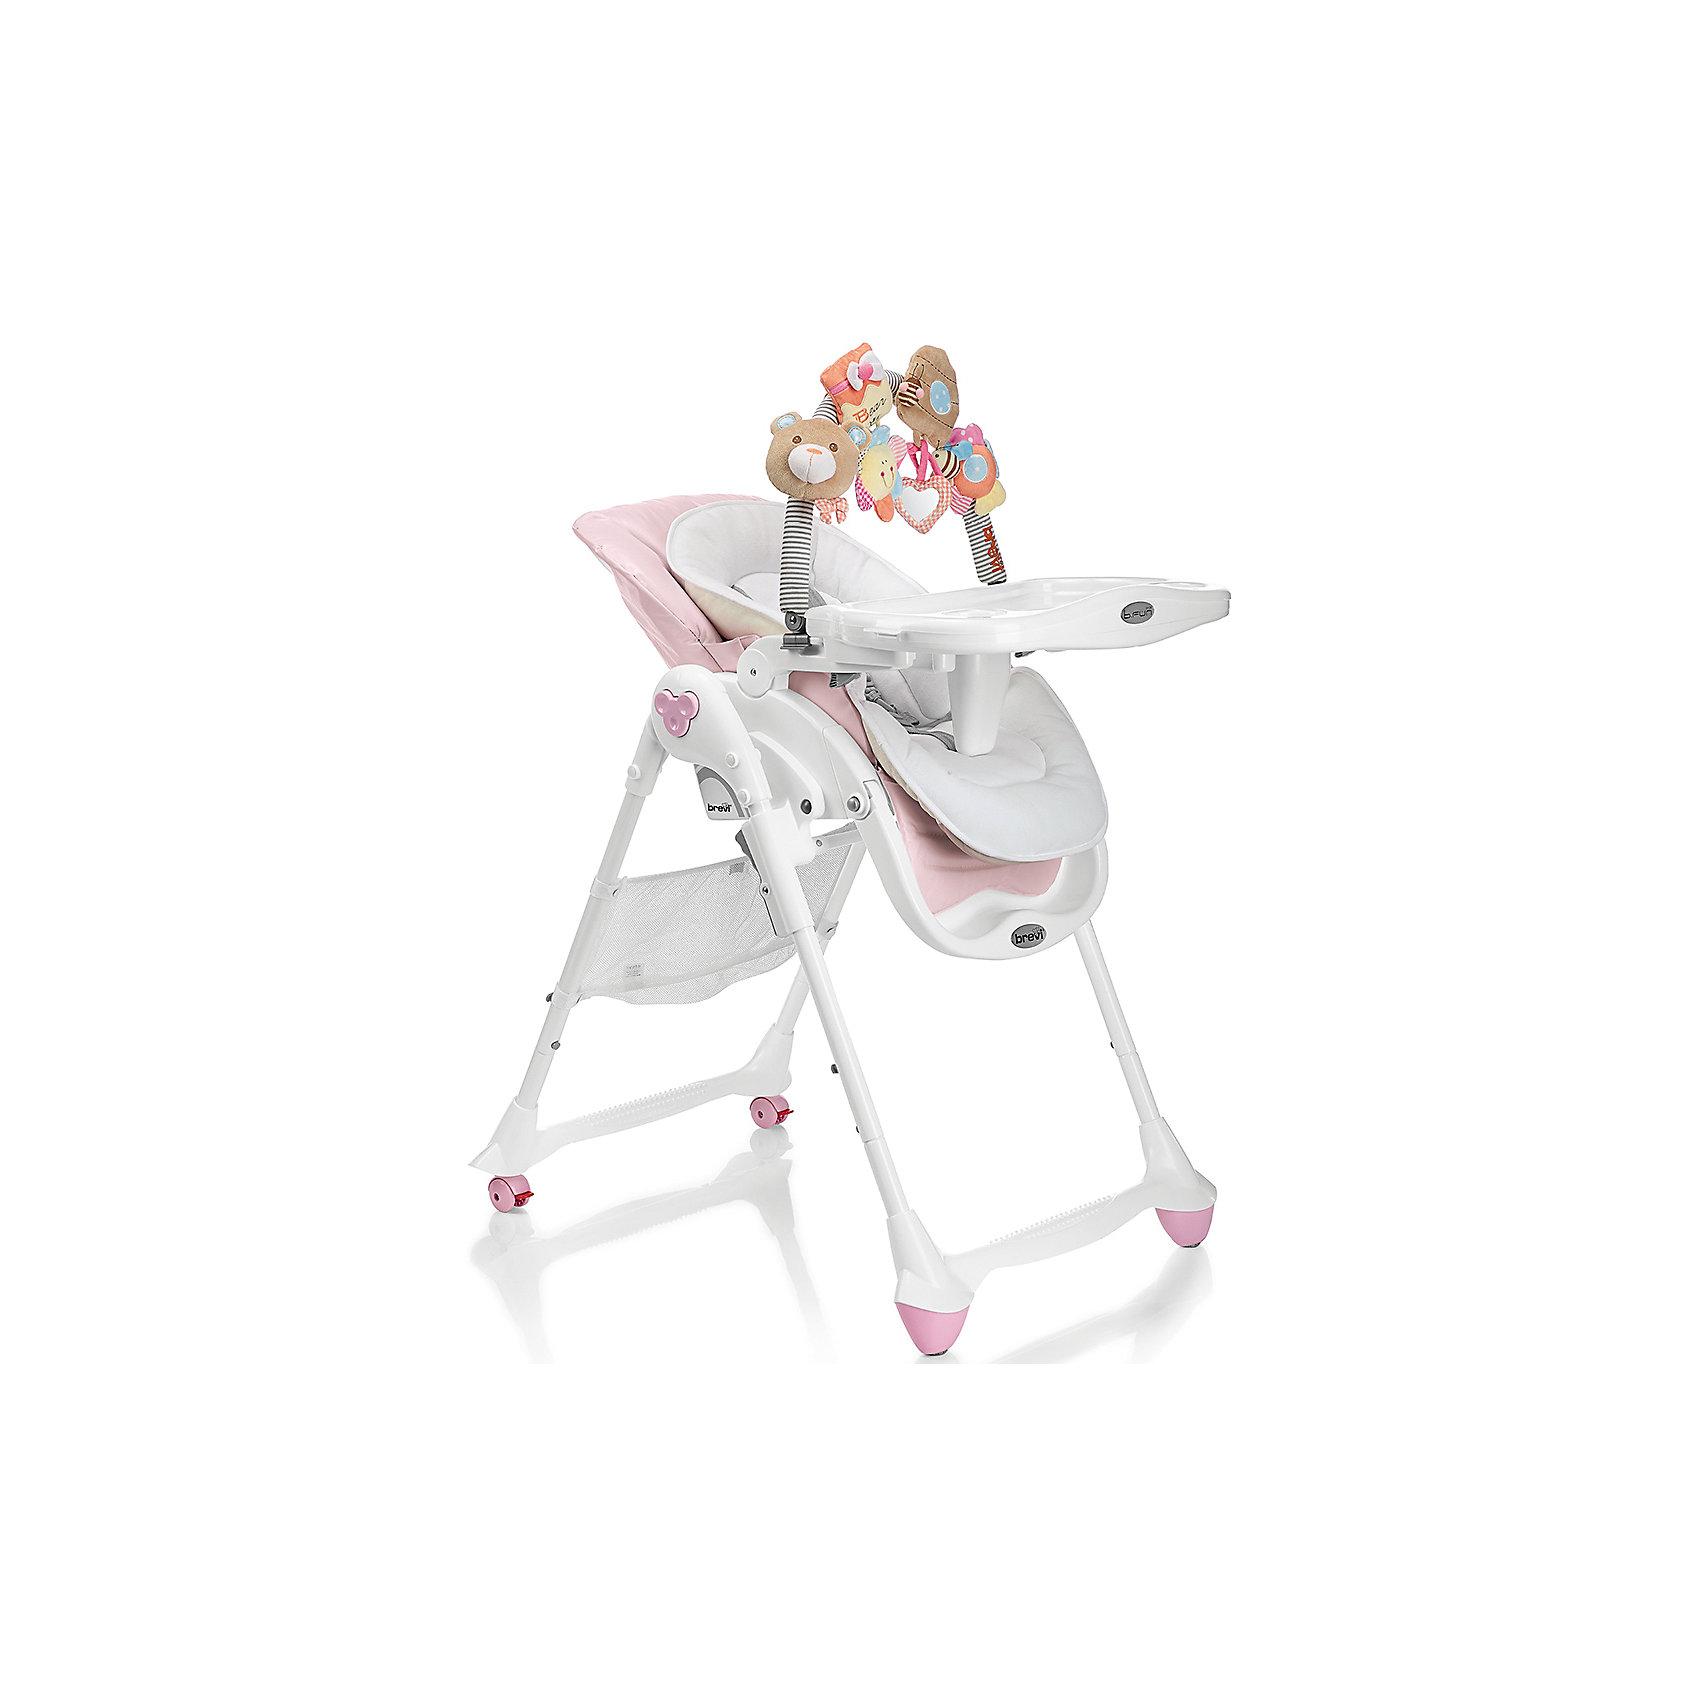 Стульчик для кормления B-Fun, Brevi, розовыйB-Fun, Brevi (брэви) – удобный стульчик для кормления ребенка. Особенность этого стульчика в трех положениях наклона спинки, включая горизонтальное. Благодаря этому, стульчик можно использовать в качестве шезлонга уже с рождения. Имеет 3 положения регулировки подножки, съемный поддон с двумя углублениями для стаканов или бутылочек, который легко снимается и крепится сзади стульчика, регулируемые по росту ребенка ремни безопасности.  Задние колеса с фиксаторами для удобства перемещения по квартире.  Стульчик изготовлен из натуральных тканей, легко моется и занимает мало места в собранном виде.  В комплекте имеется съемная регулируемая дуга с игрушками: лодочка, автобус с кроликом, издающим звуки, домик с погремушкой, полоска со звуковым эффектом. Такой стульчик станет лучшим выбором для малыша.<br>Особенности и преимущества:<br>-стульчик можно использовать с рождения<br>-3 положения спинки<br>-углубления для стаканов и бутылочек<br>-дуга с игрушками для развития малыша<br>Размеры: 90x82x62 см<br>Вес: 11,8 кг<br>Вы можете приобрести стульчик для кормления B-Fun в нашем интернет-магазине.<br><br>Ширина мм: 900<br>Глубина мм: 620<br>Высота мм: 530<br>Вес г: 11800<br>Возраст от месяцев: 0<br>Возраст до месяцев: 36<br>Пол: Женский<br>Возраст: Детский<br>SKU: 4902079